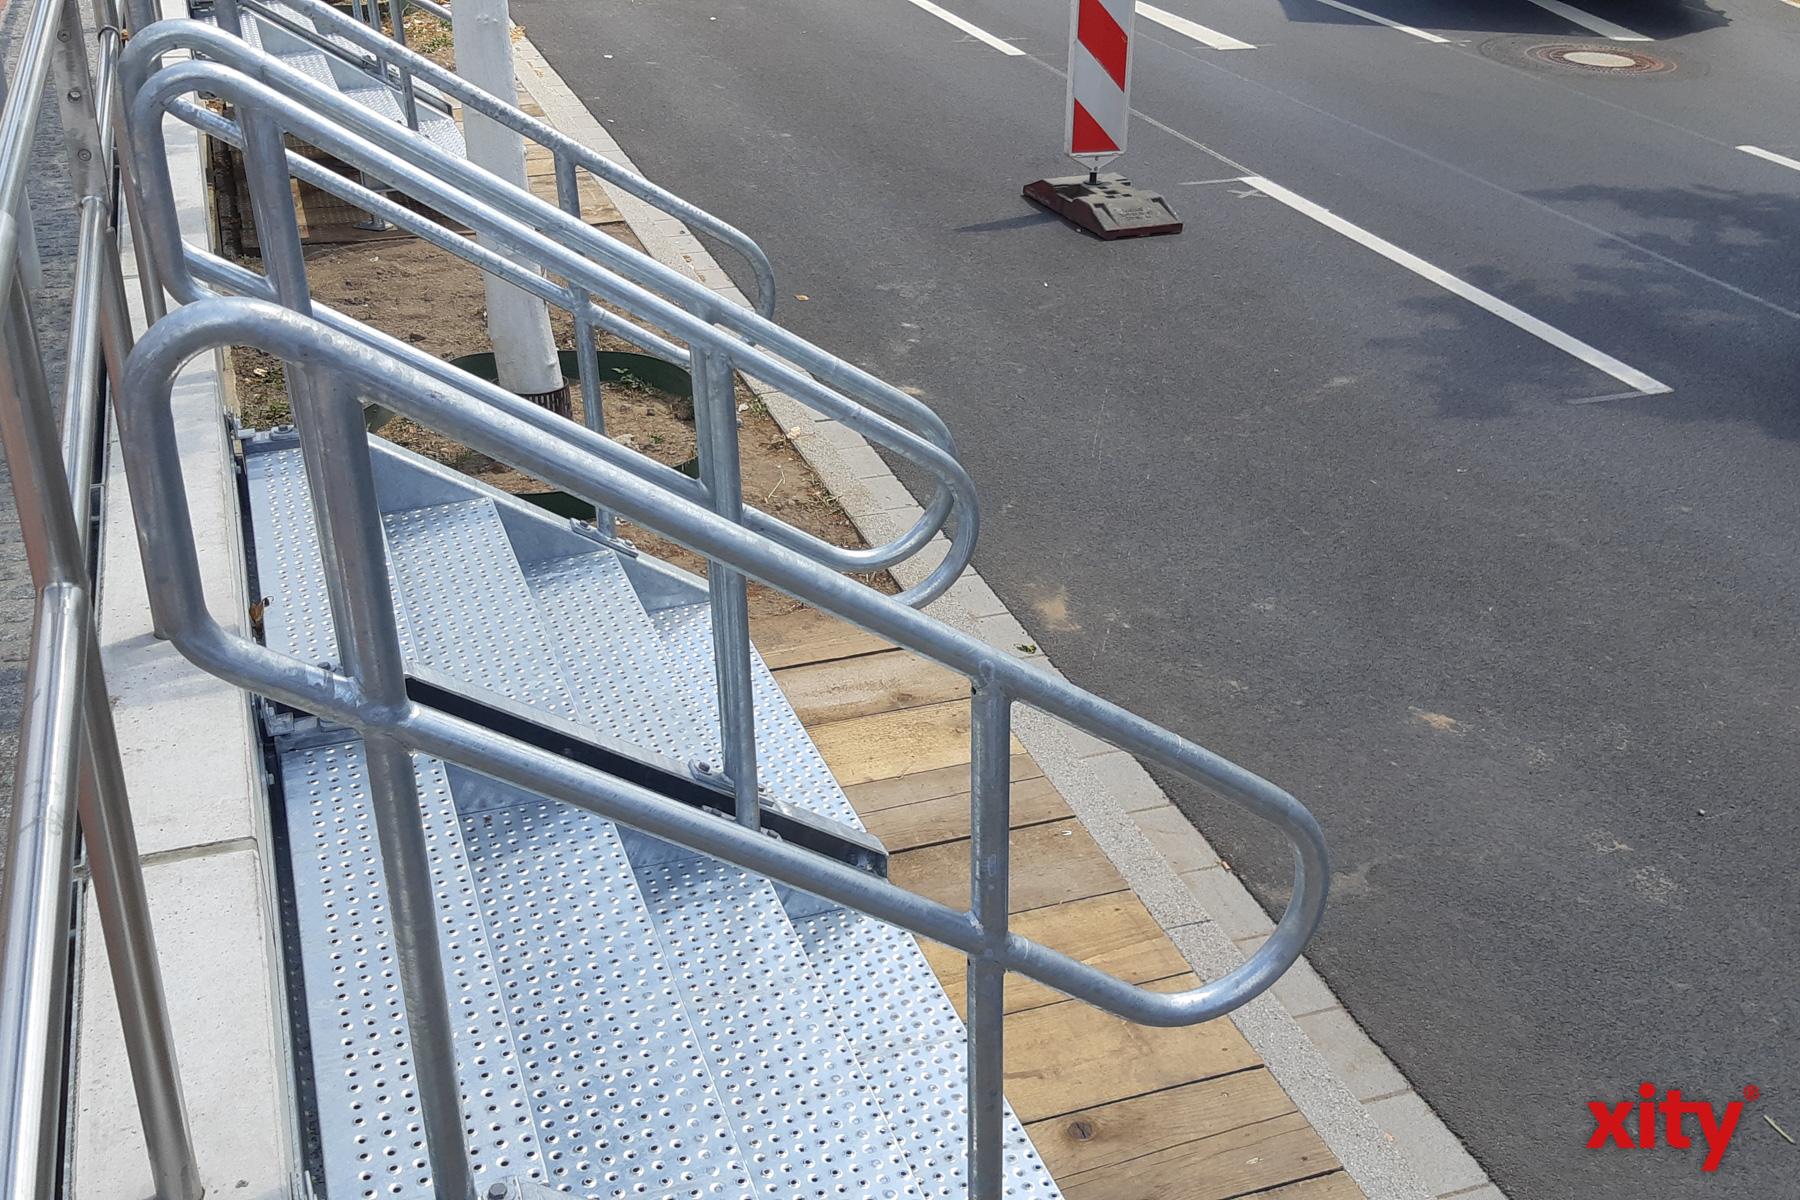 28 mobile Treppen werden zur Kirmes aufgestellt, um die Menschen schneller auf das Kirmesgelände zu führen (Foto: xity)